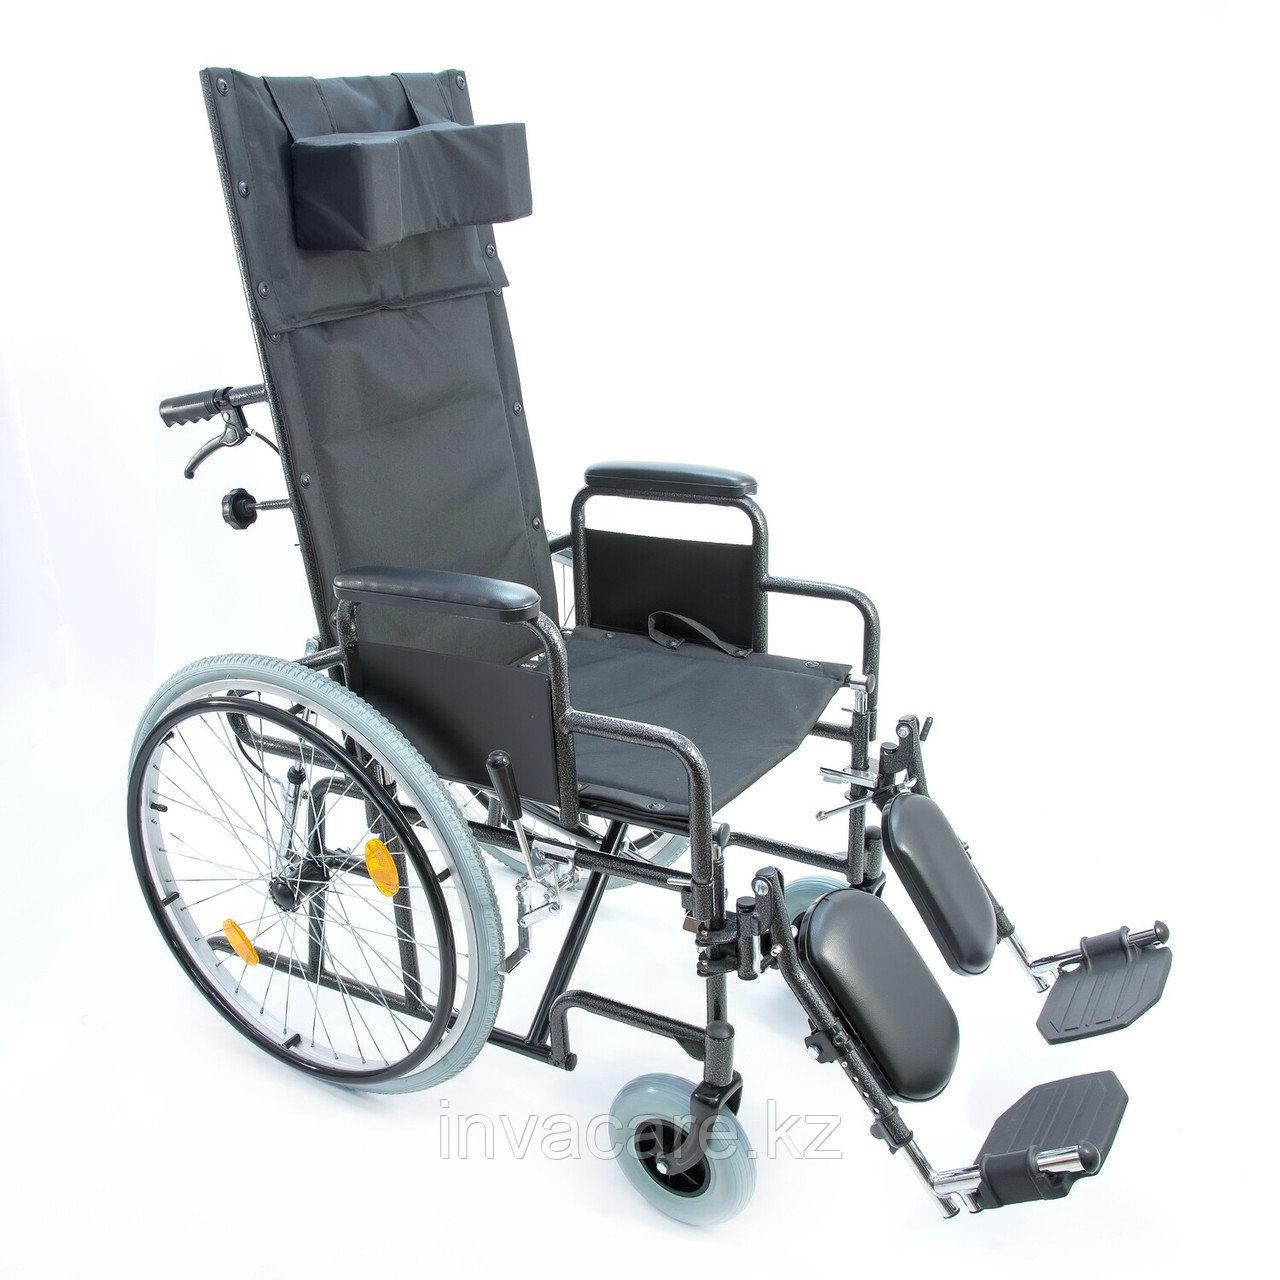 Инвалидная коляска с регулир. угла наклона спинки и подножек 514 A, пневматические задние колеса